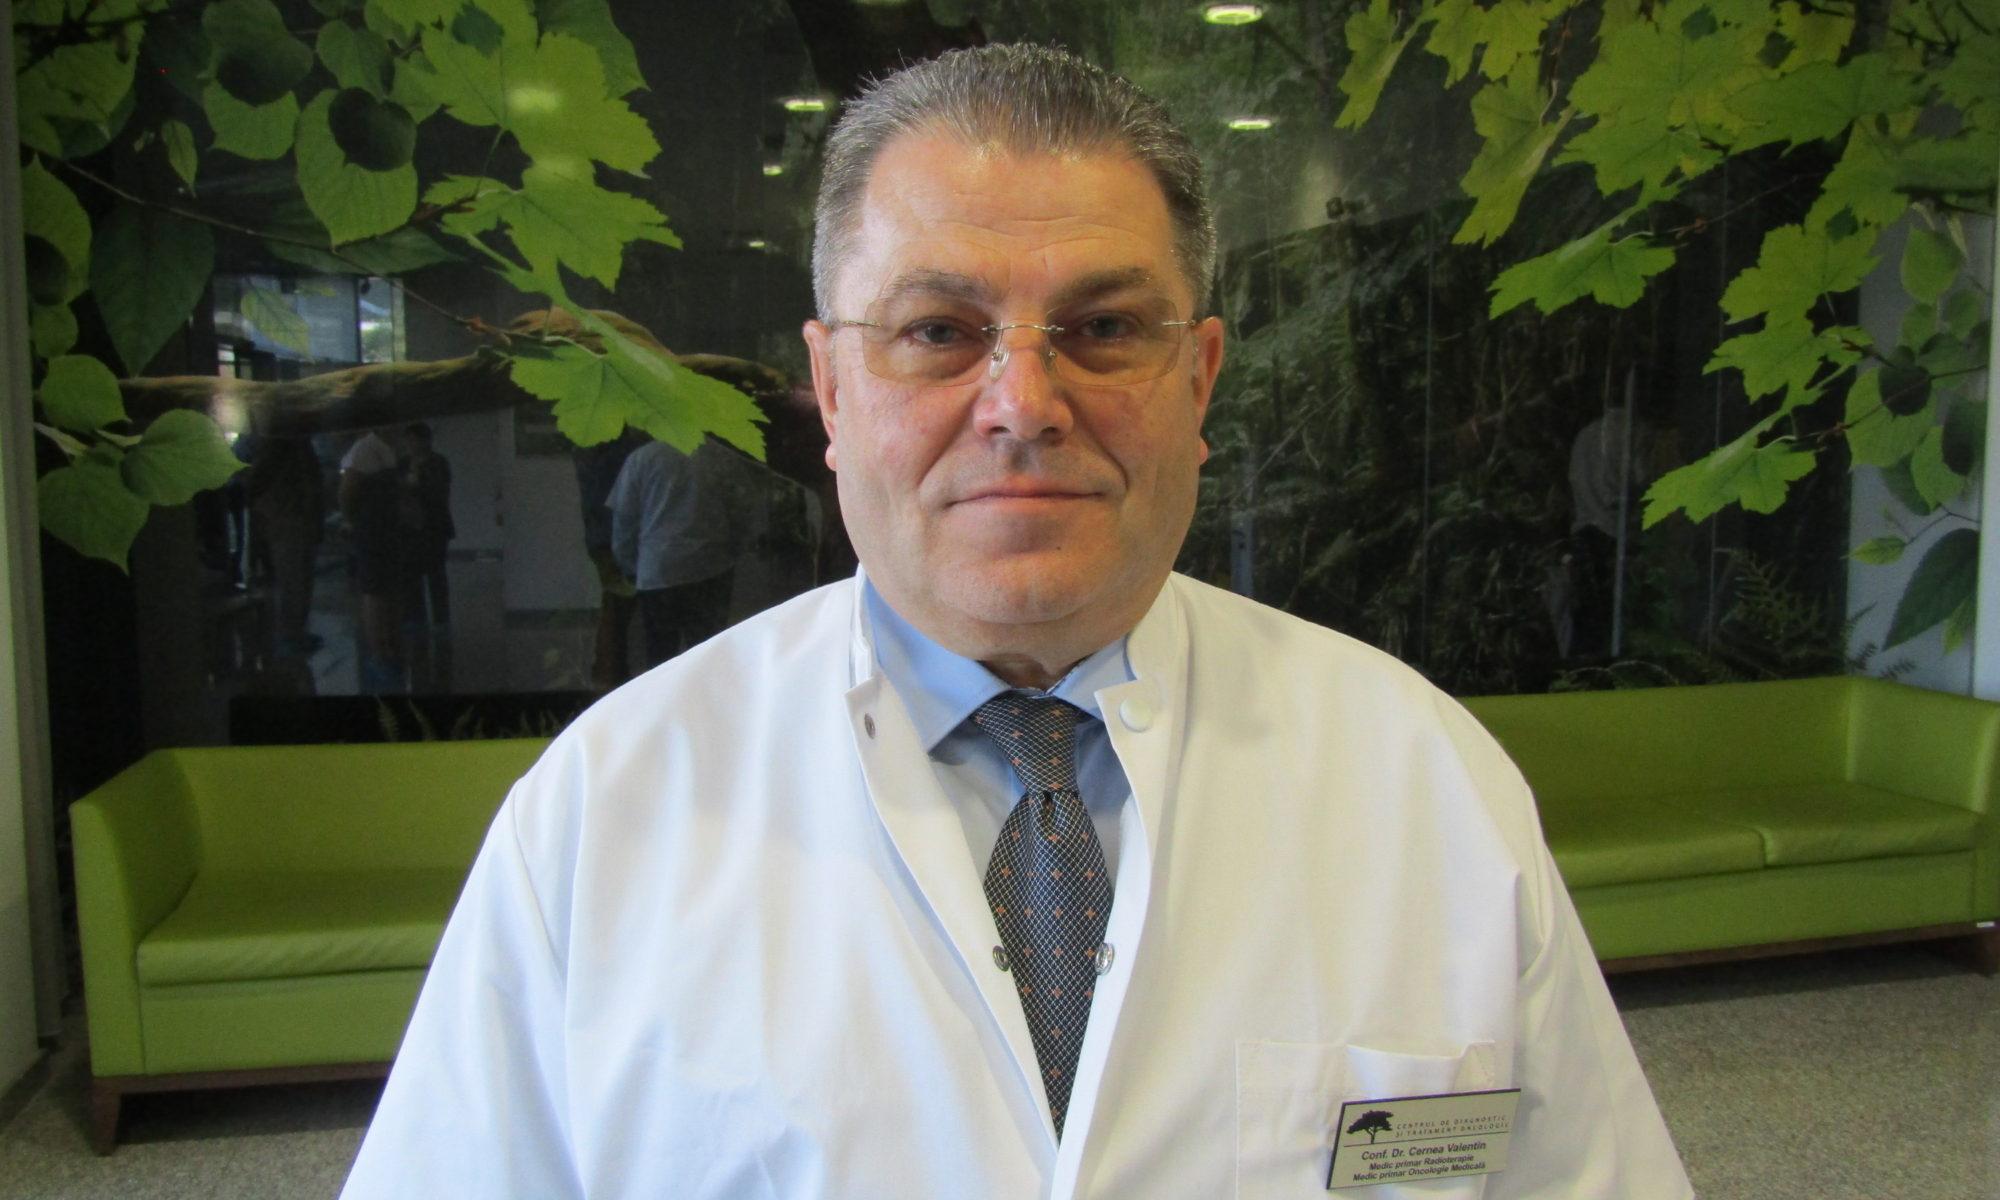 Conf. Dr. Valentin Cernea